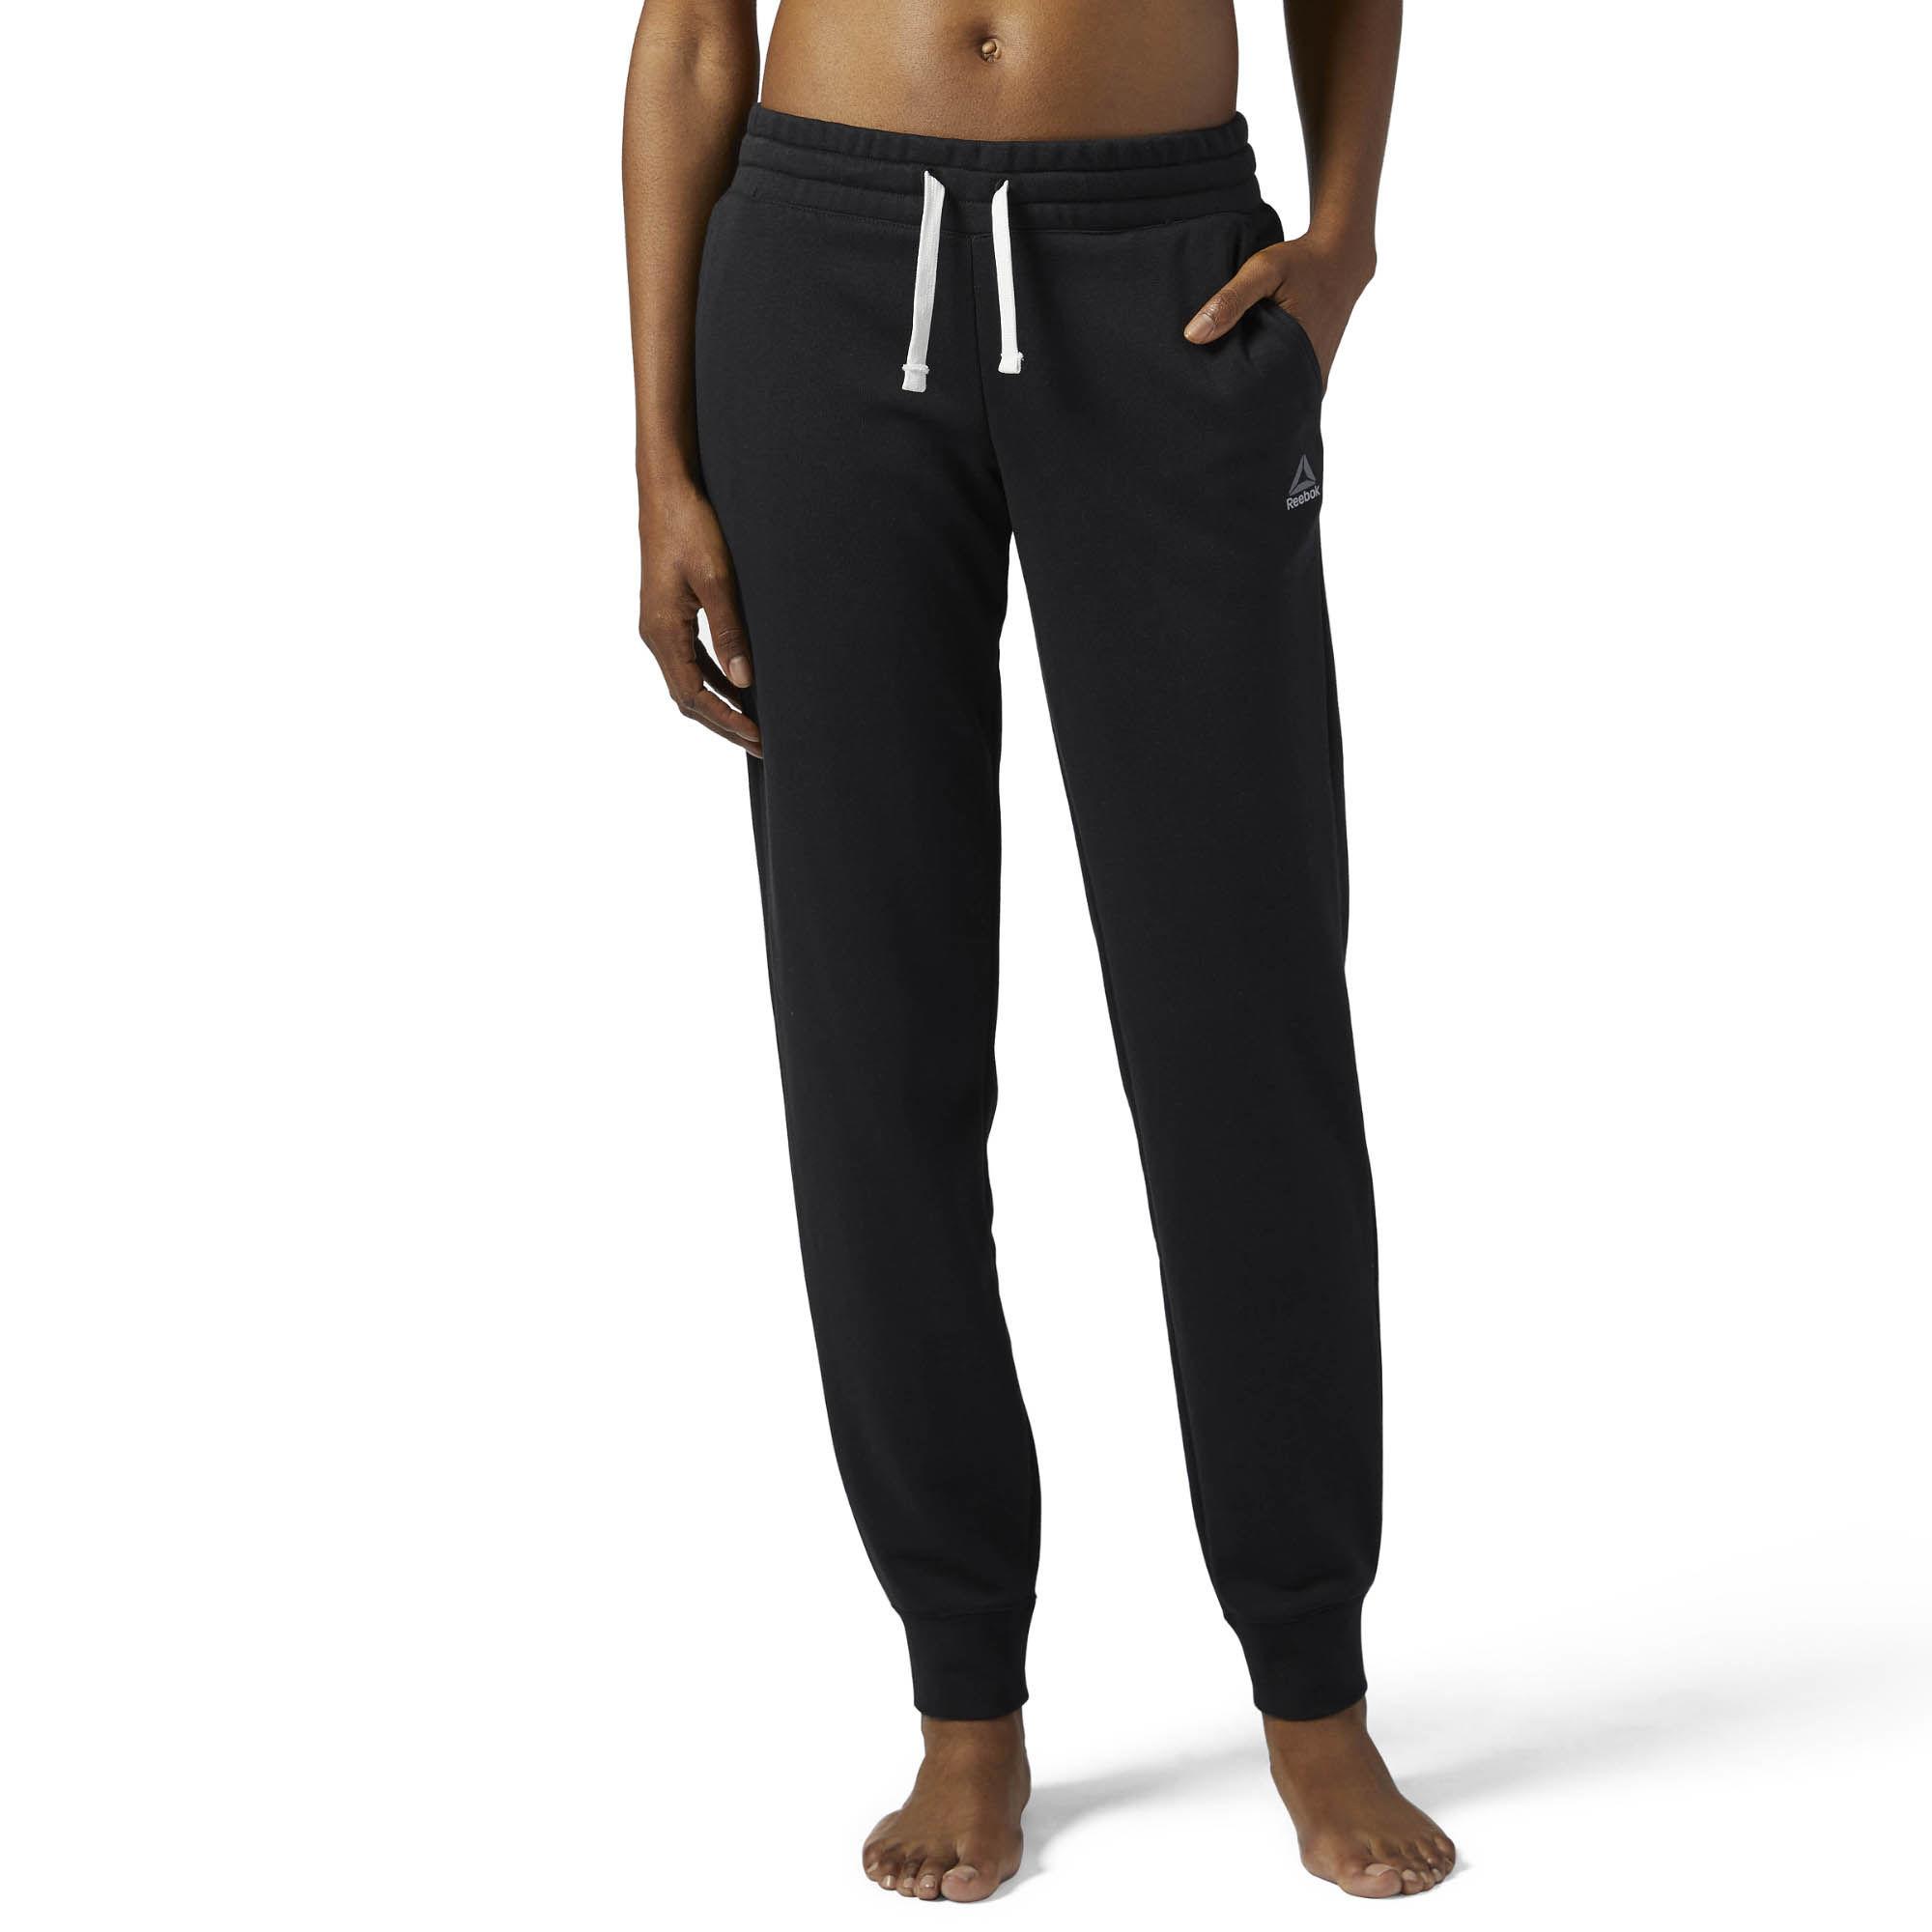 Брюки спортивные Reebok El French Terry Pan брюки спортивные женские reebok el french terry pan цвет серый bs4089 размер l 50 52